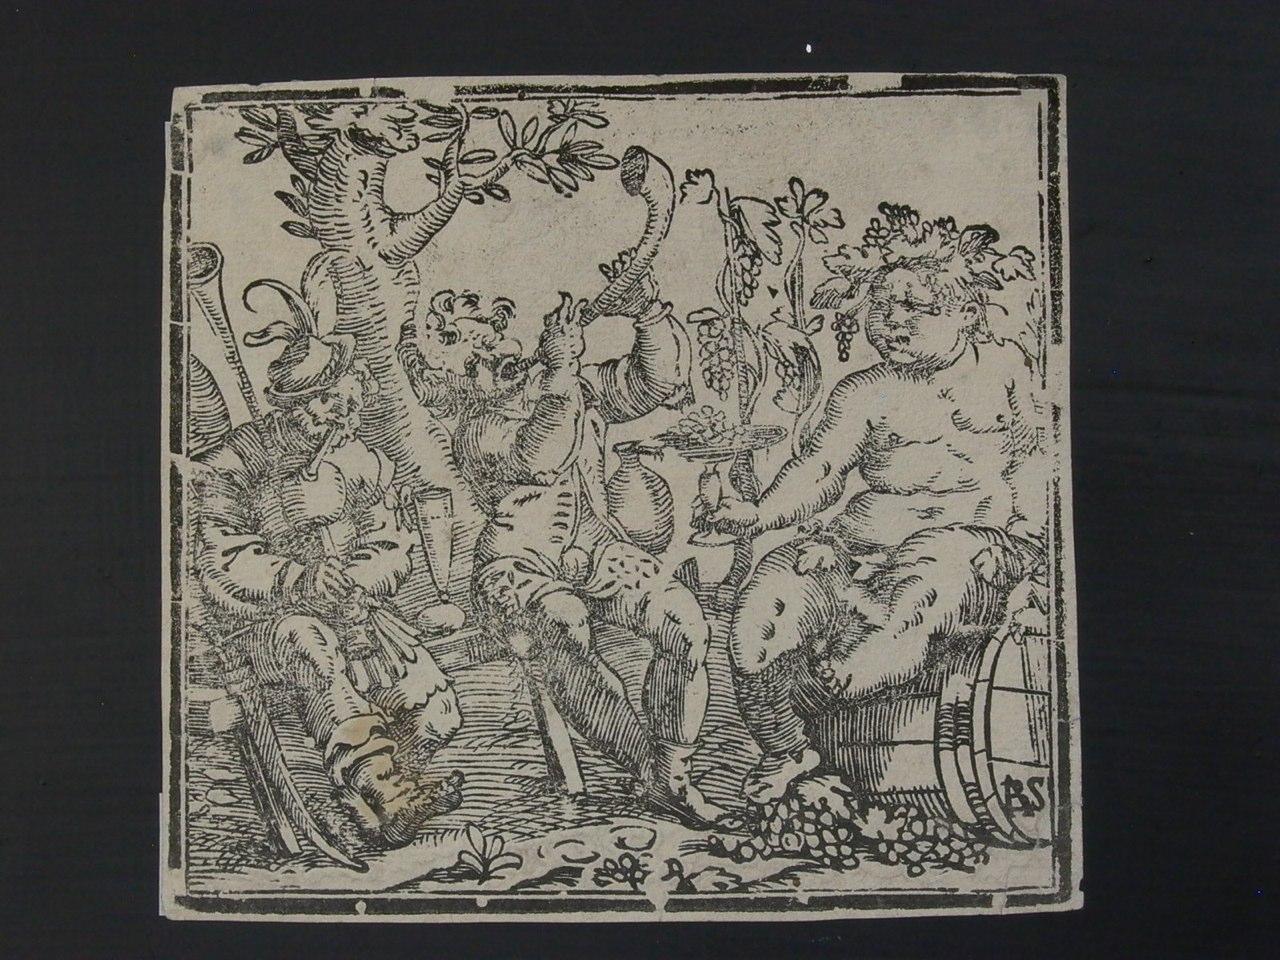 1700 Scheitz, Bacchus Contributed by Marleen Leicher.